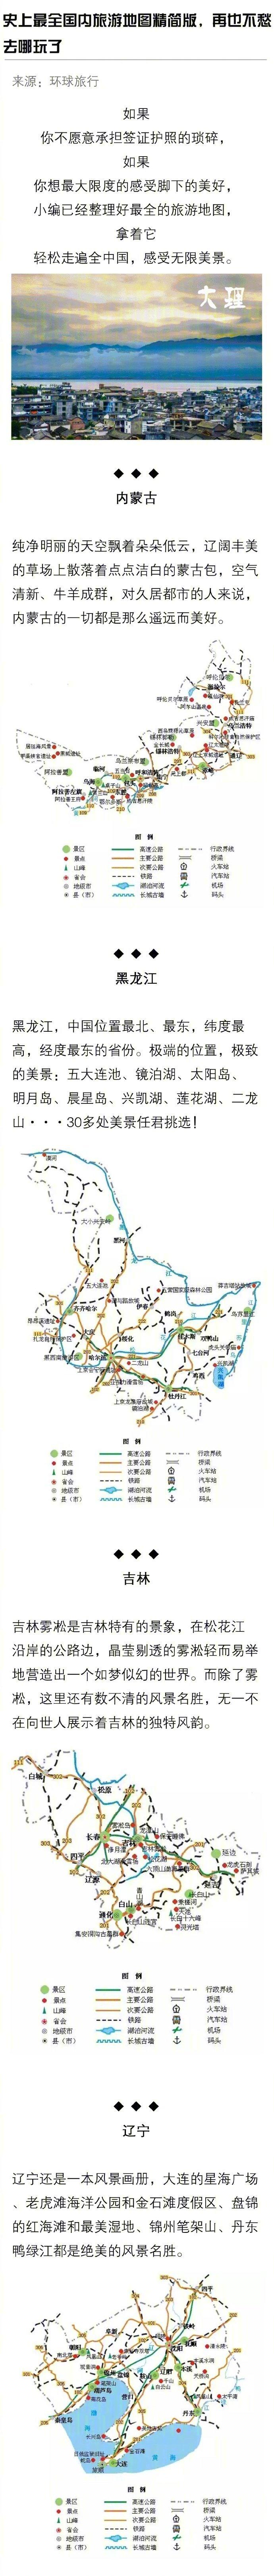 史上最全国内旅游地图精简版,再也不愁去哪玩了,马住!!!